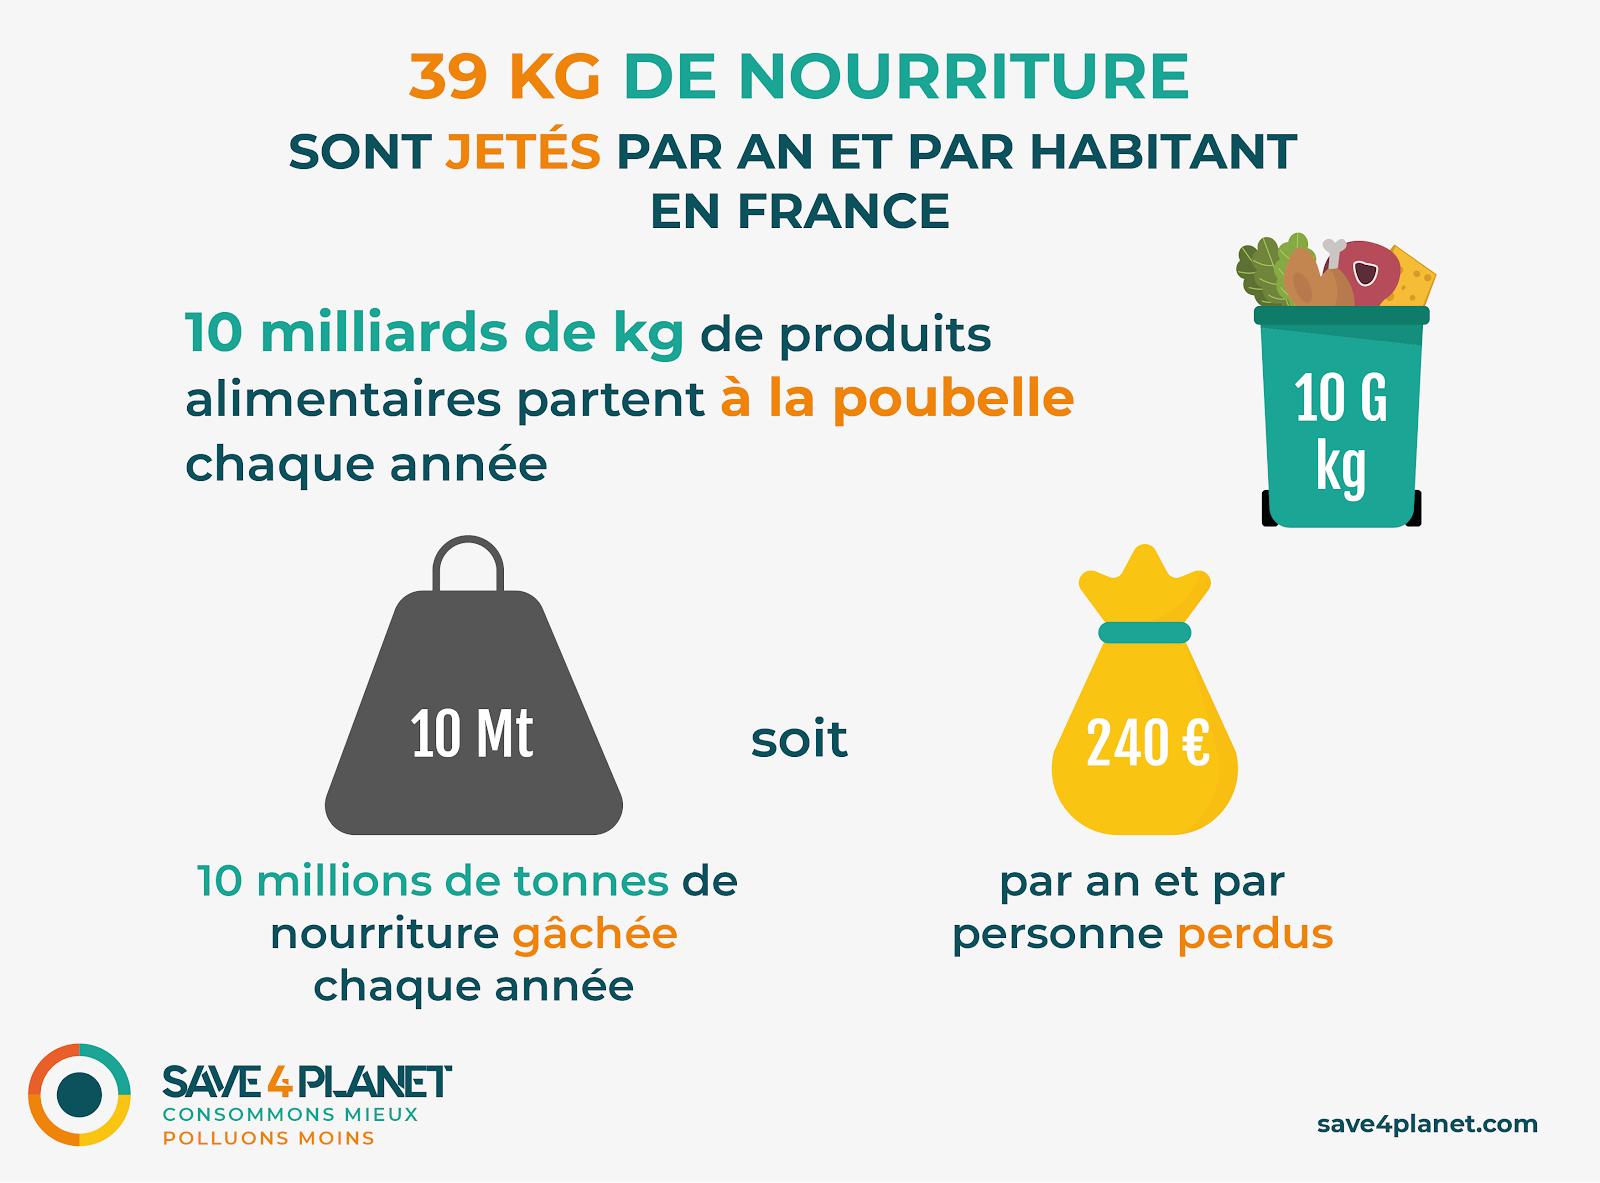 Illustraion du gaspillage alimentaire en France